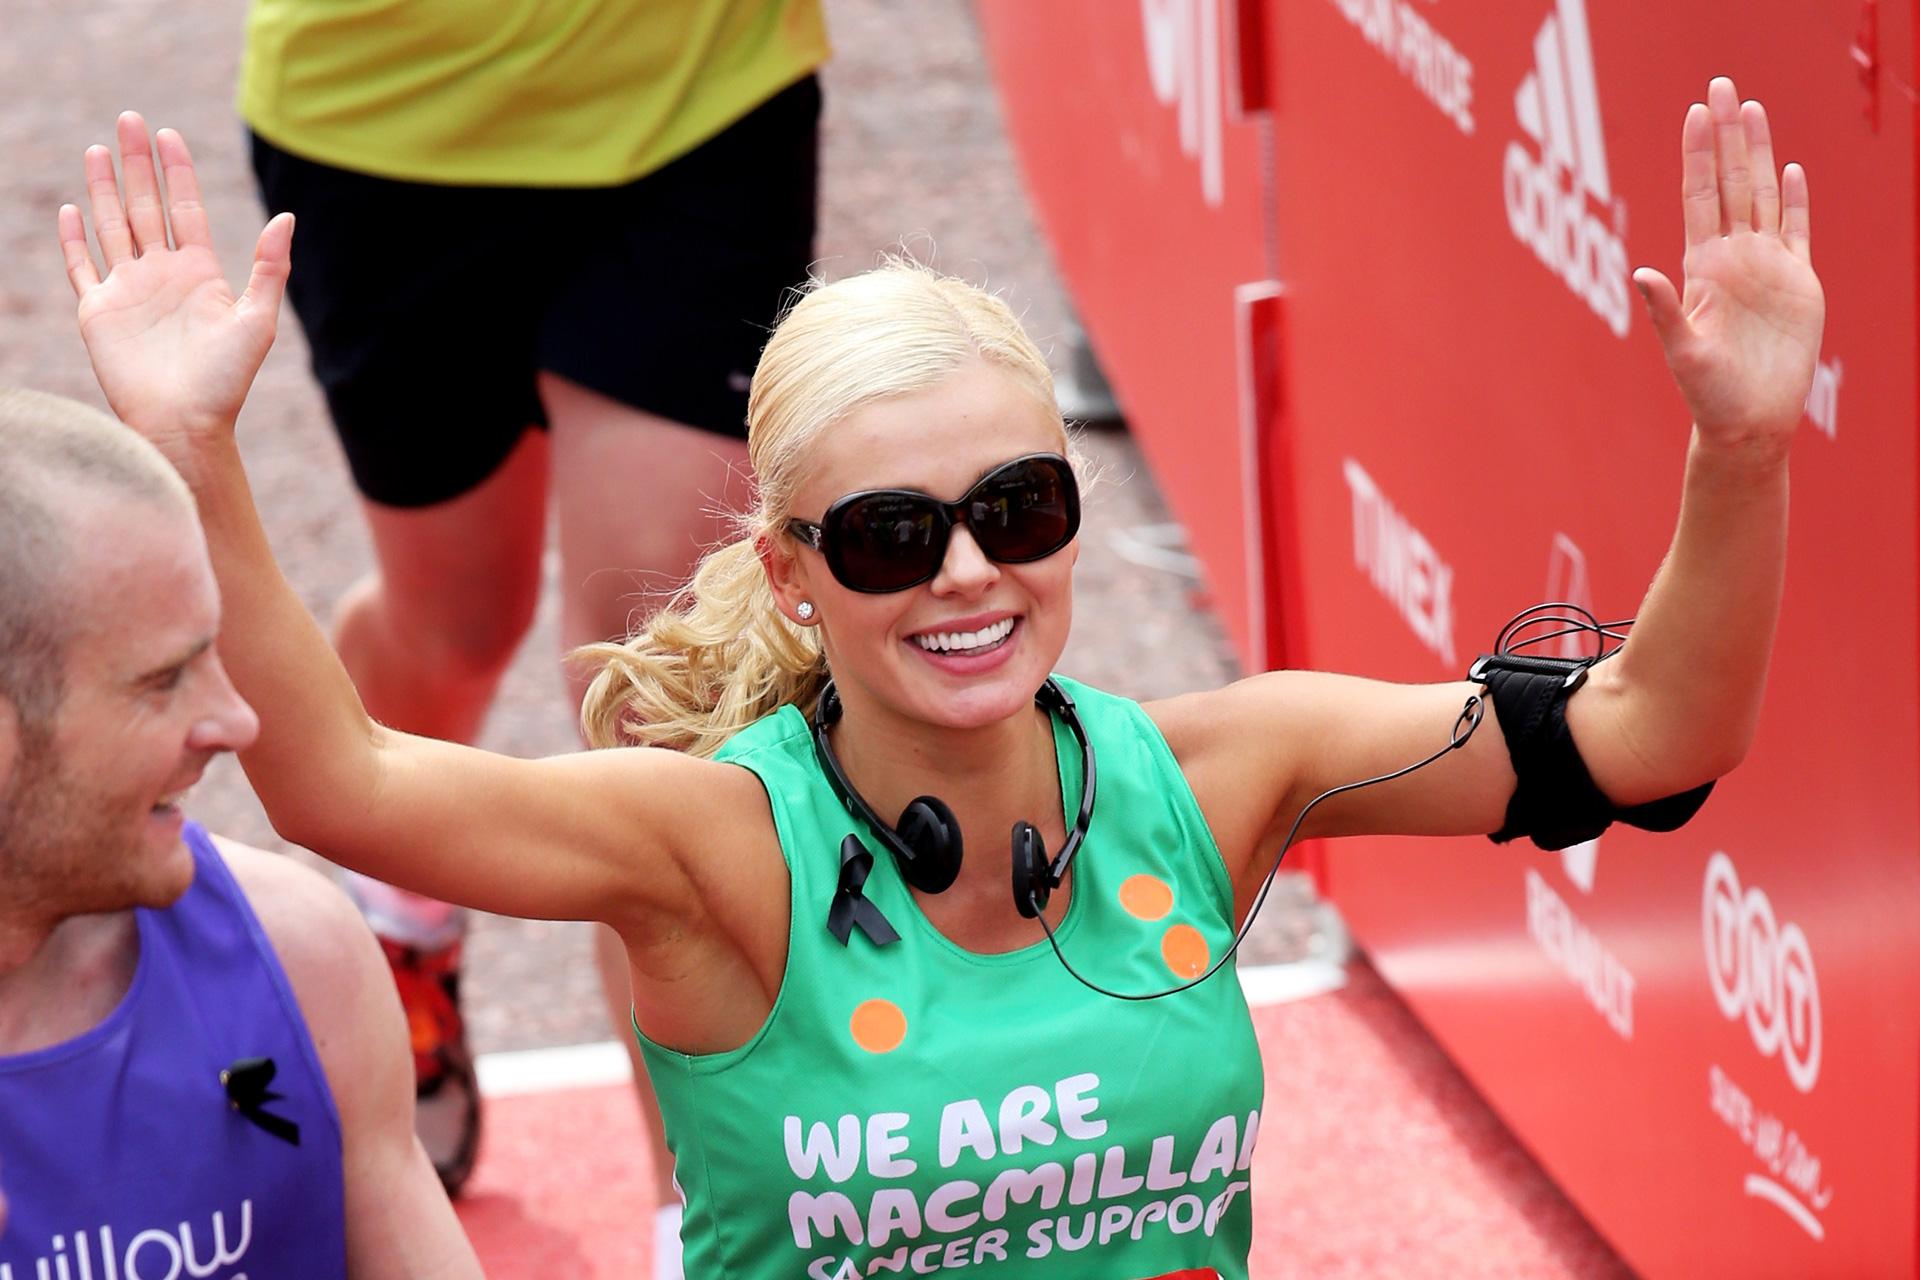 Katherine Jenkins crosses the finish line during the Virgin London Marathon 2013 on April 21, 2013